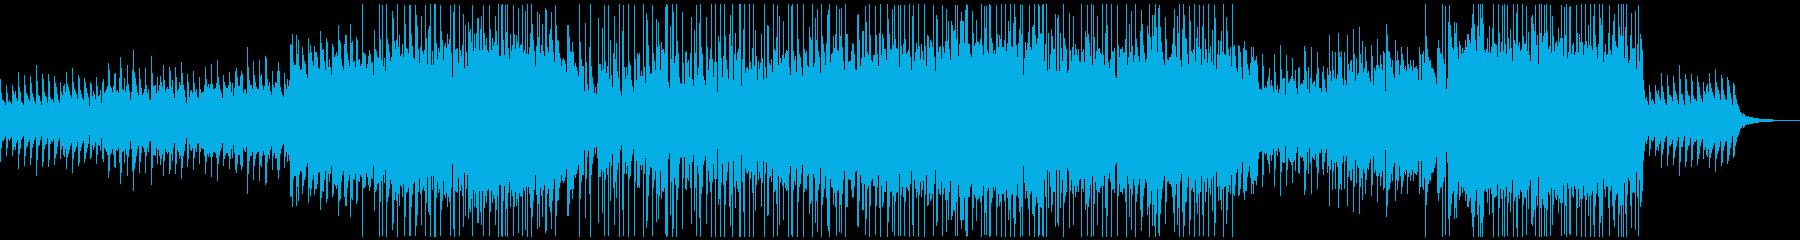 爽やかなカントリーポップの再生済みの波形